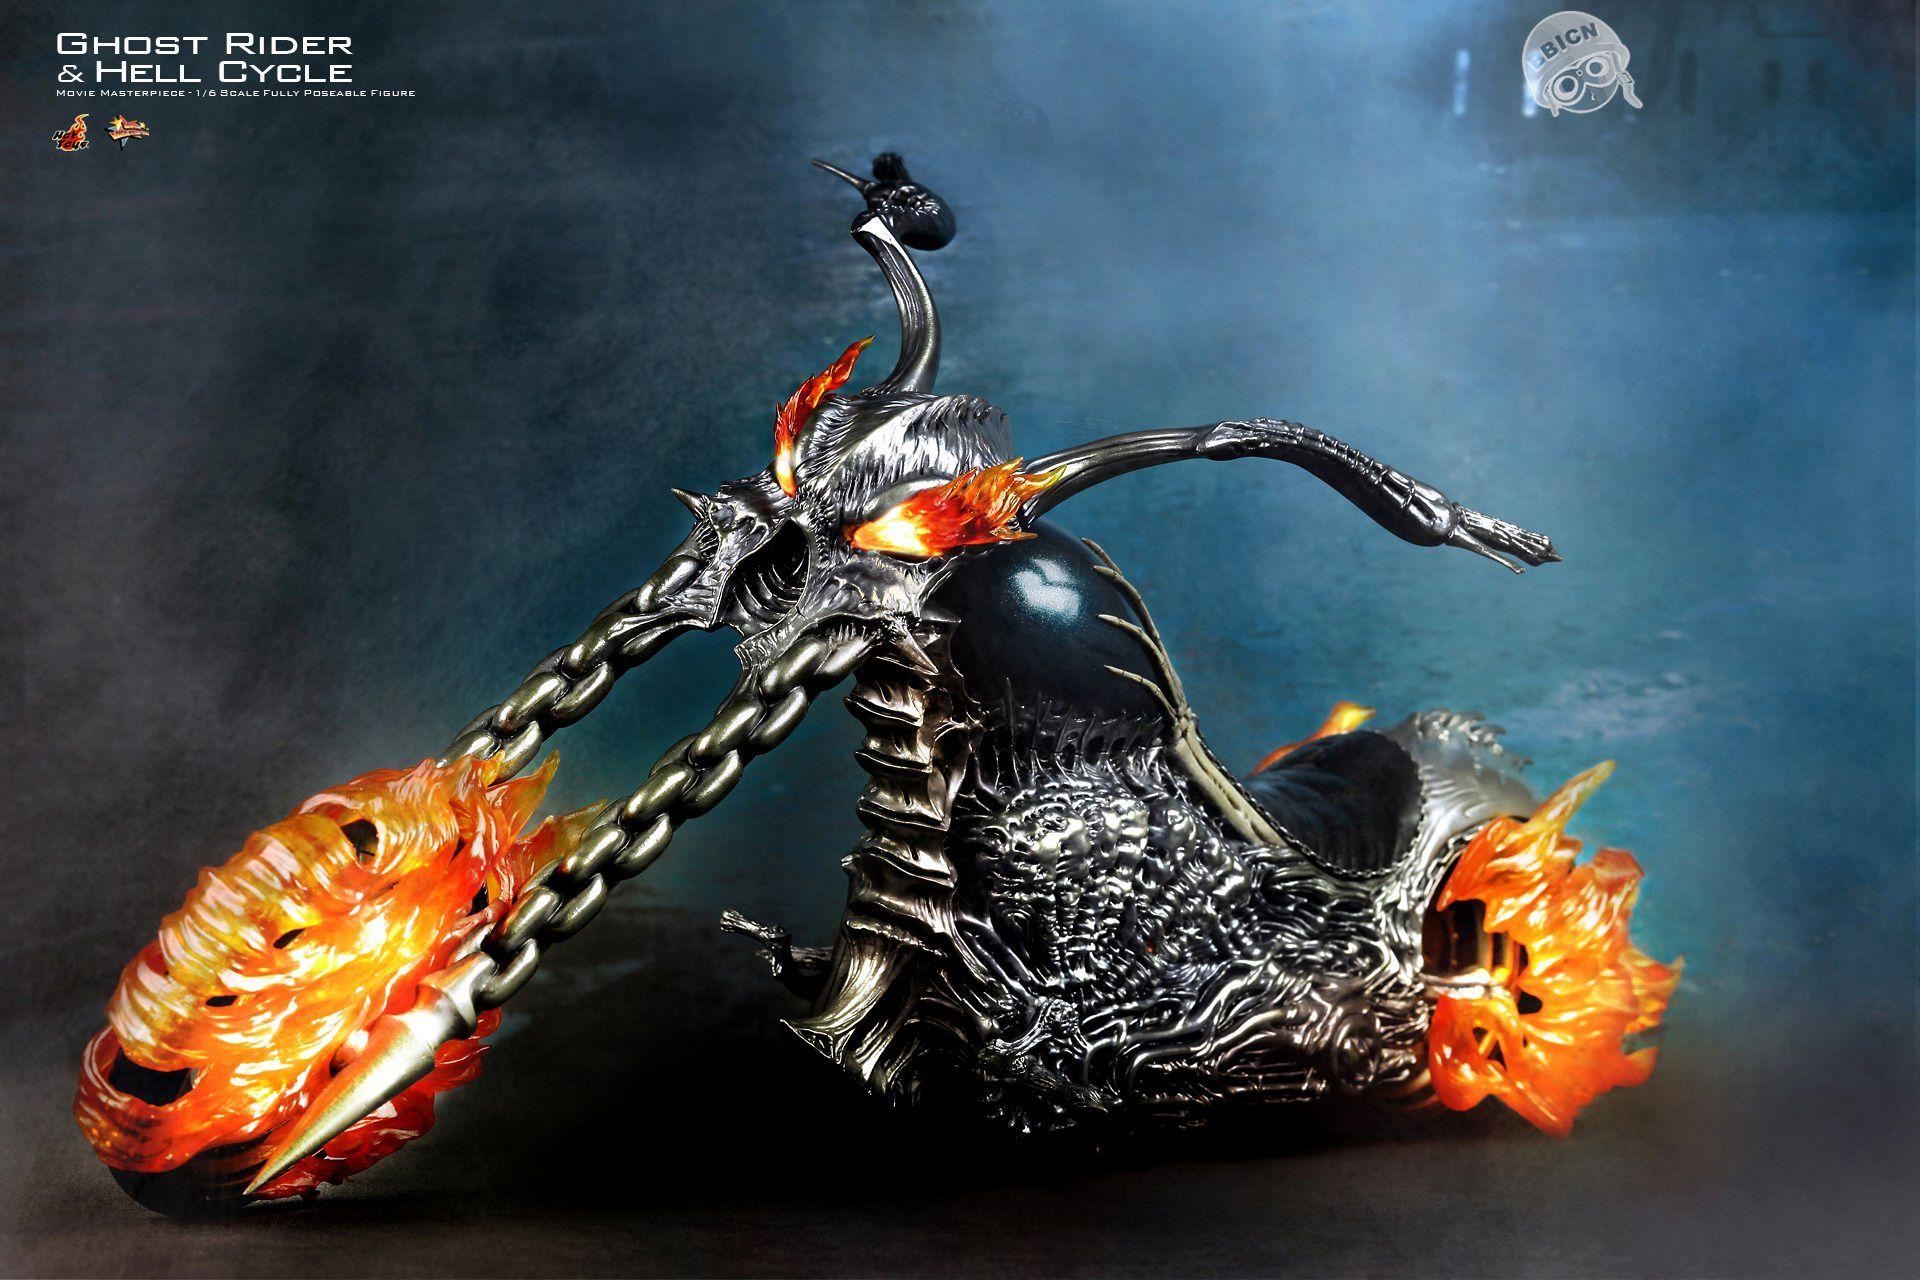 Ghost rider wallpaper google zoeken ghost rider moon knight ghost rider wallpaper google zoeken voltagebd Images